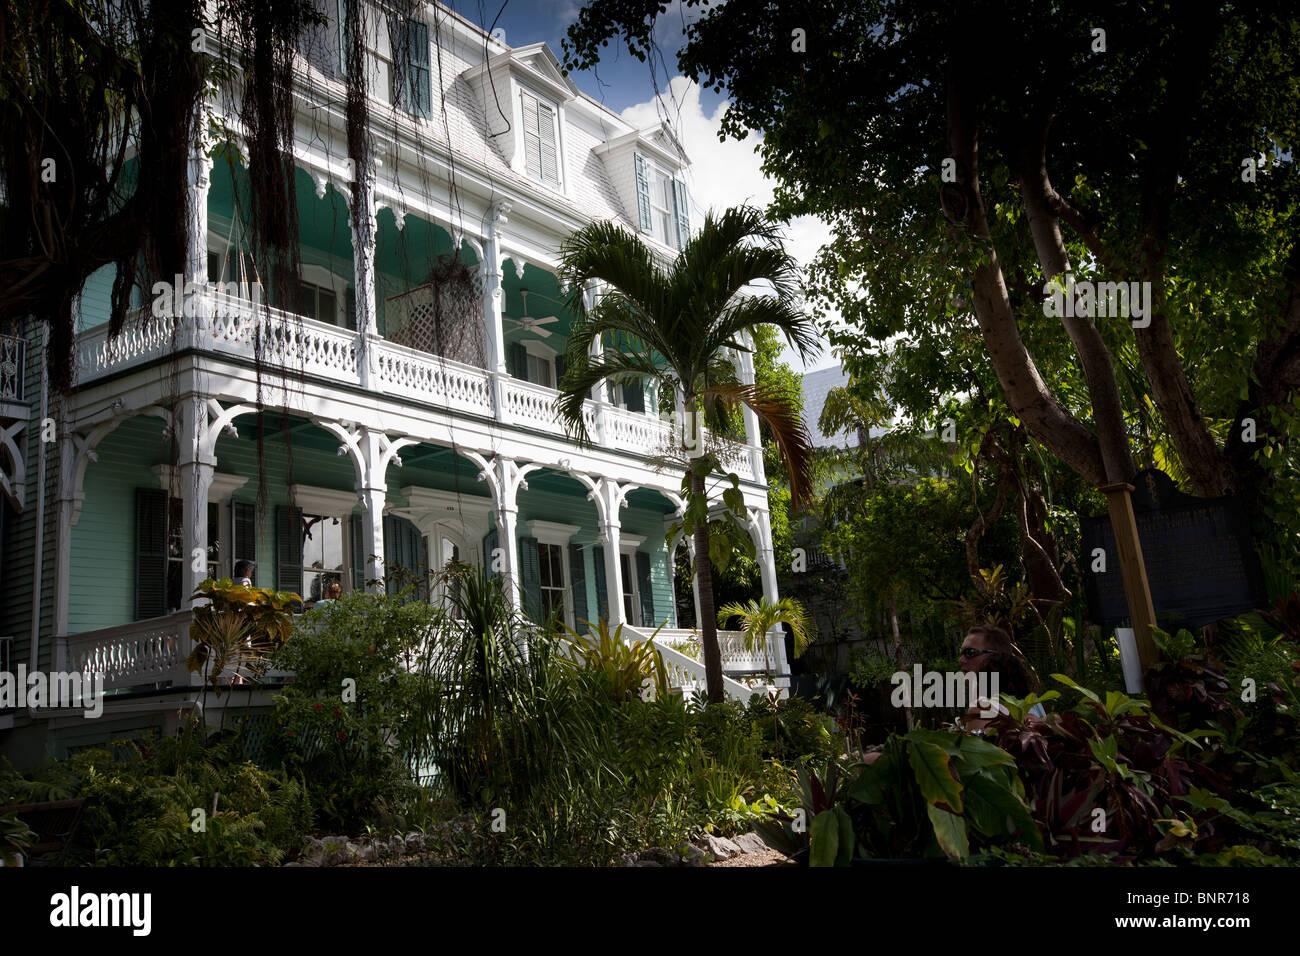 Vista frontal de la mansión de Porter, un edificio de estilo Queen Anne. El Dr. Joseph Yates Porter residieron allí. Foto de stock